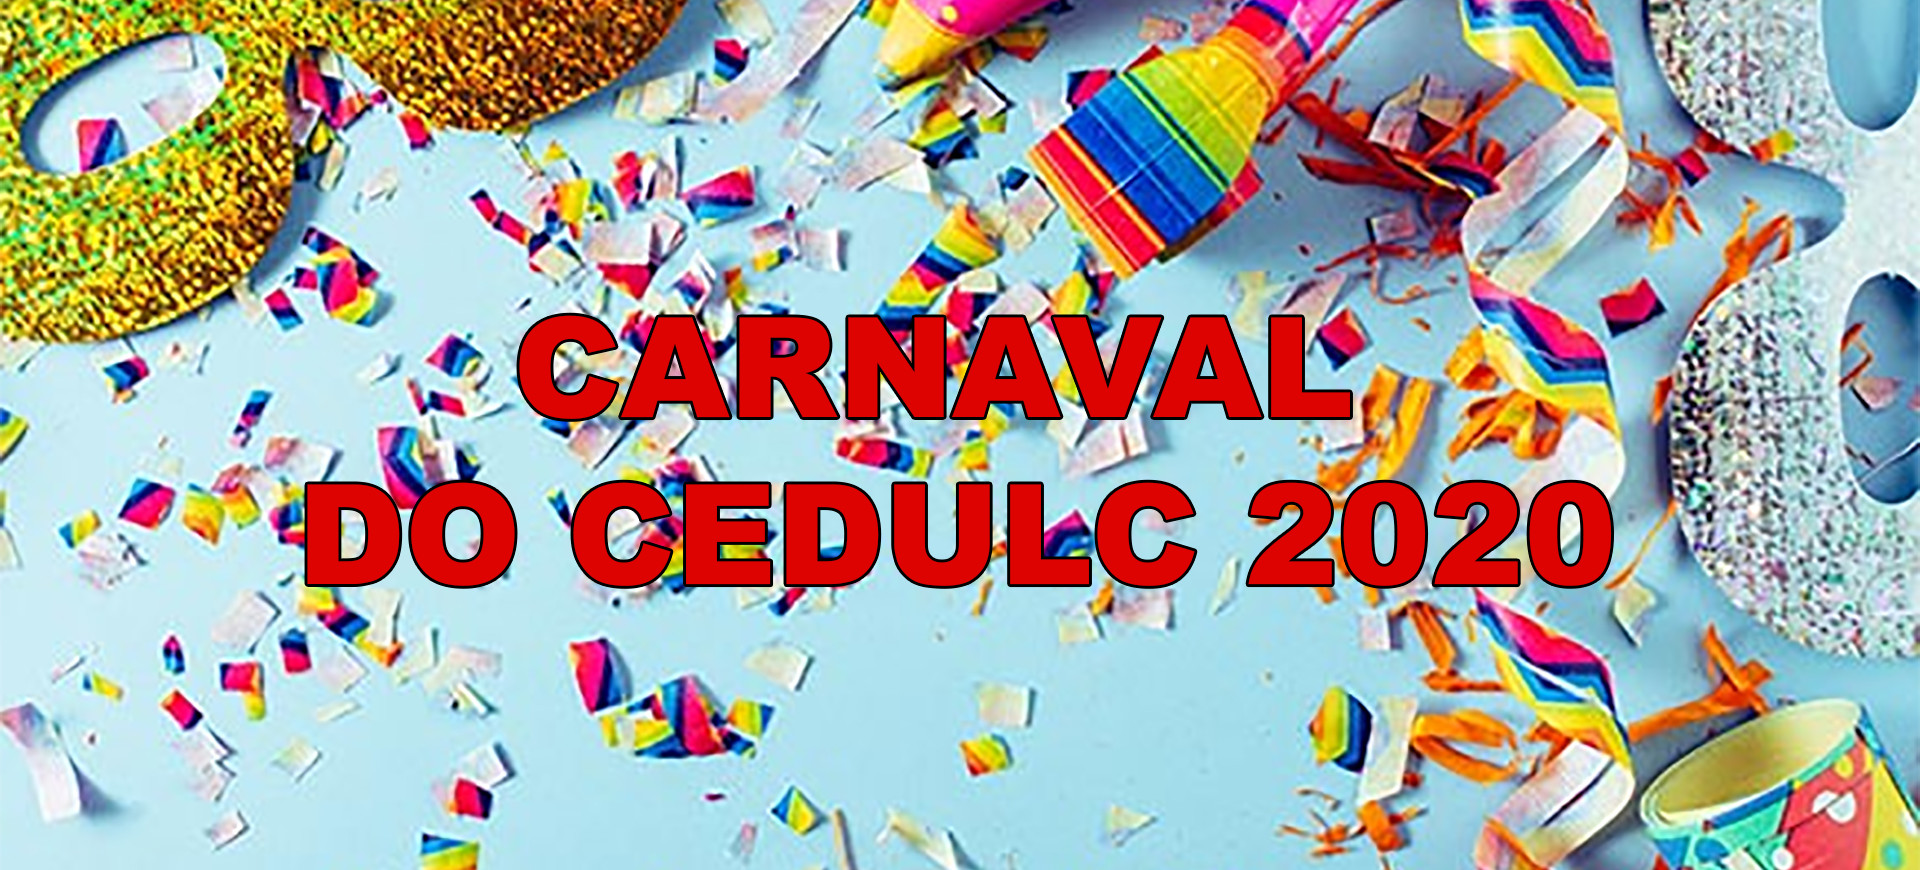 CAPA CARNAVL 2020.jpg